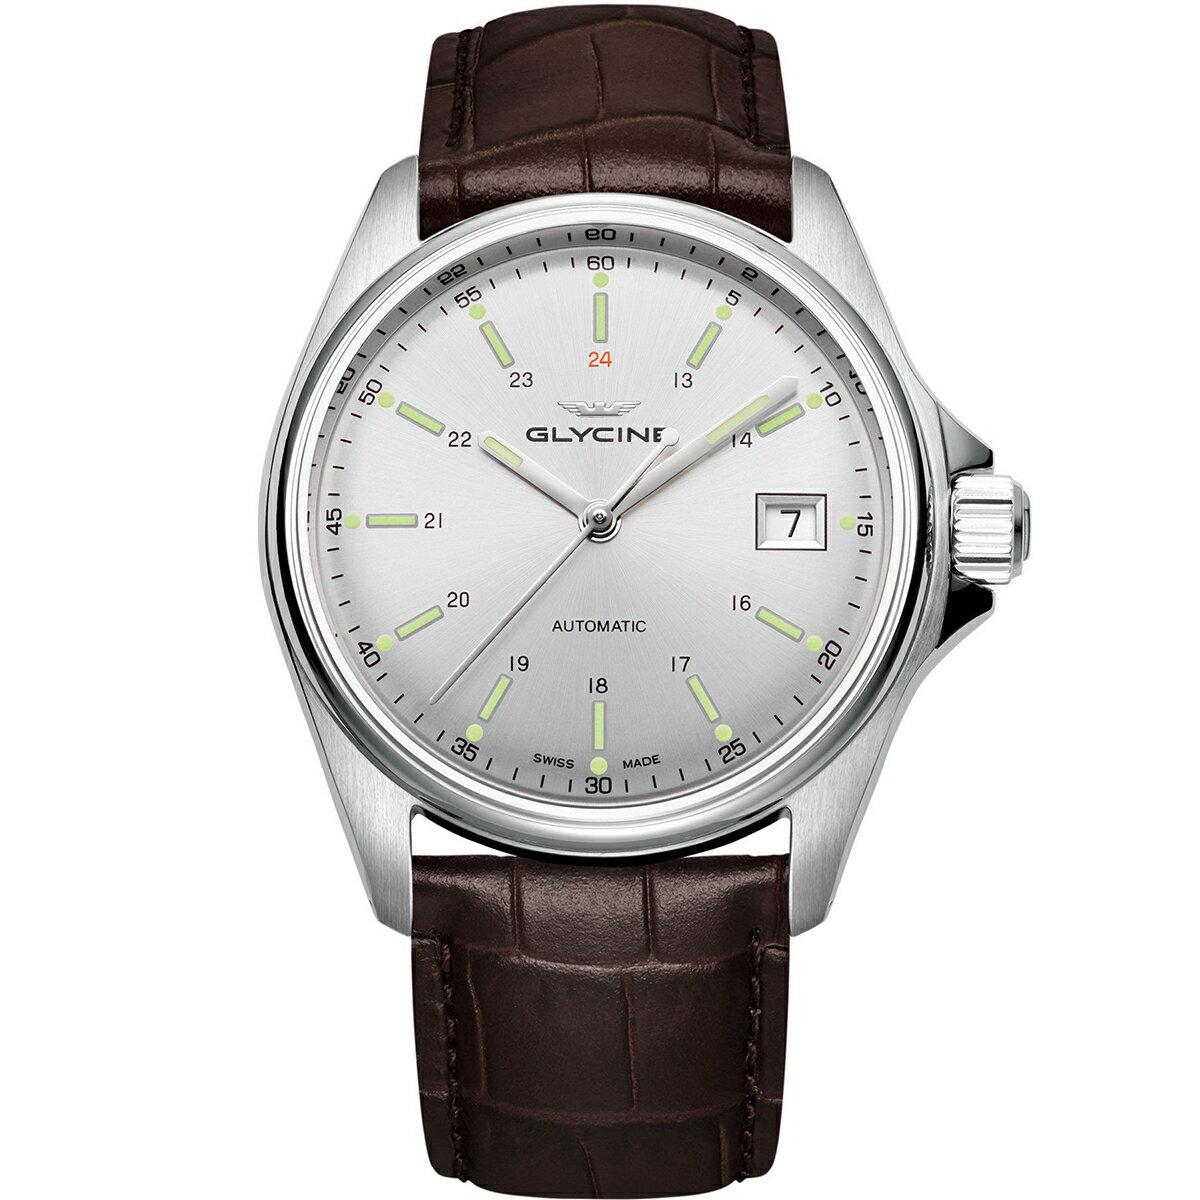 グライシン グリシン GLYCINE コンバット6 クラシック COMBAT 6 CLASSIC 36 GL0112 メンズ 時計 腕時計 自動巻き オートマチック スイス製 スイスメイド パイロット